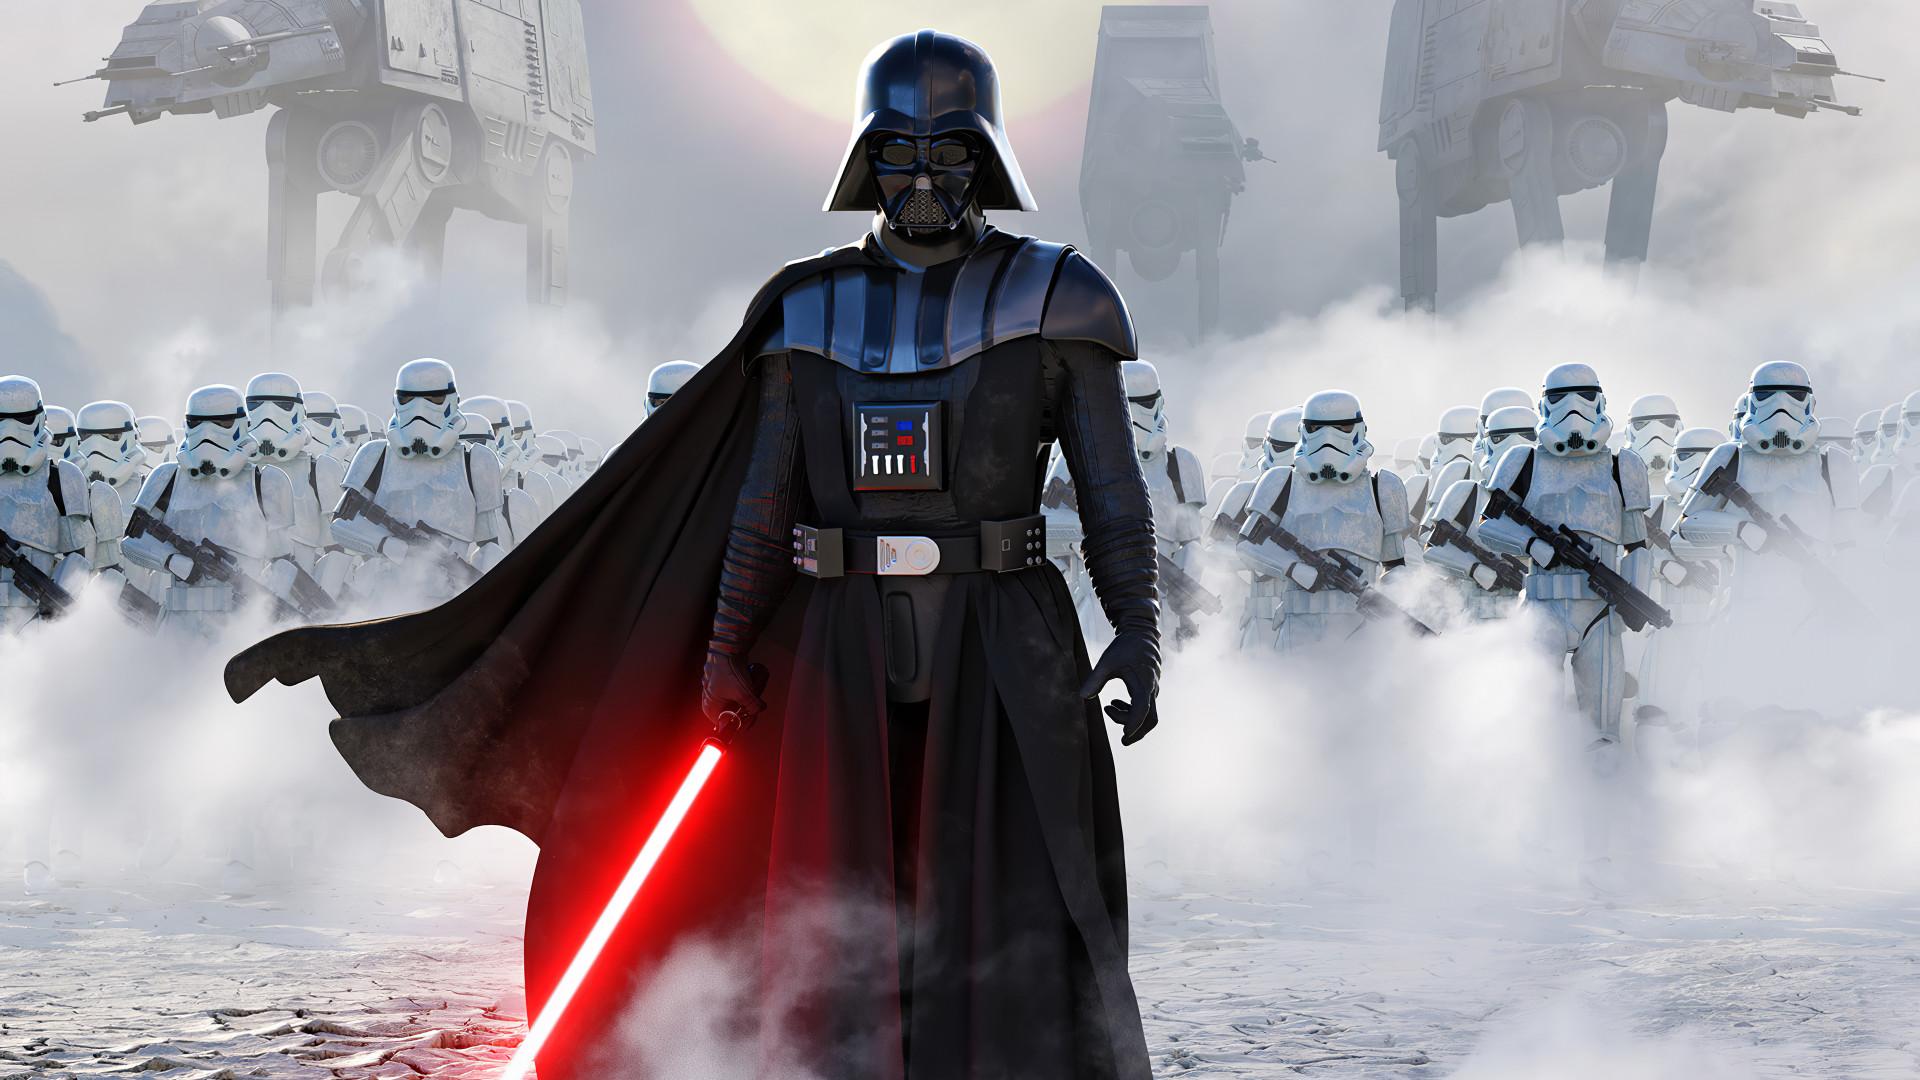 Star Wars Darth Vader Wallpaper 4k 1920x1080 Wallpaper Teahub Io